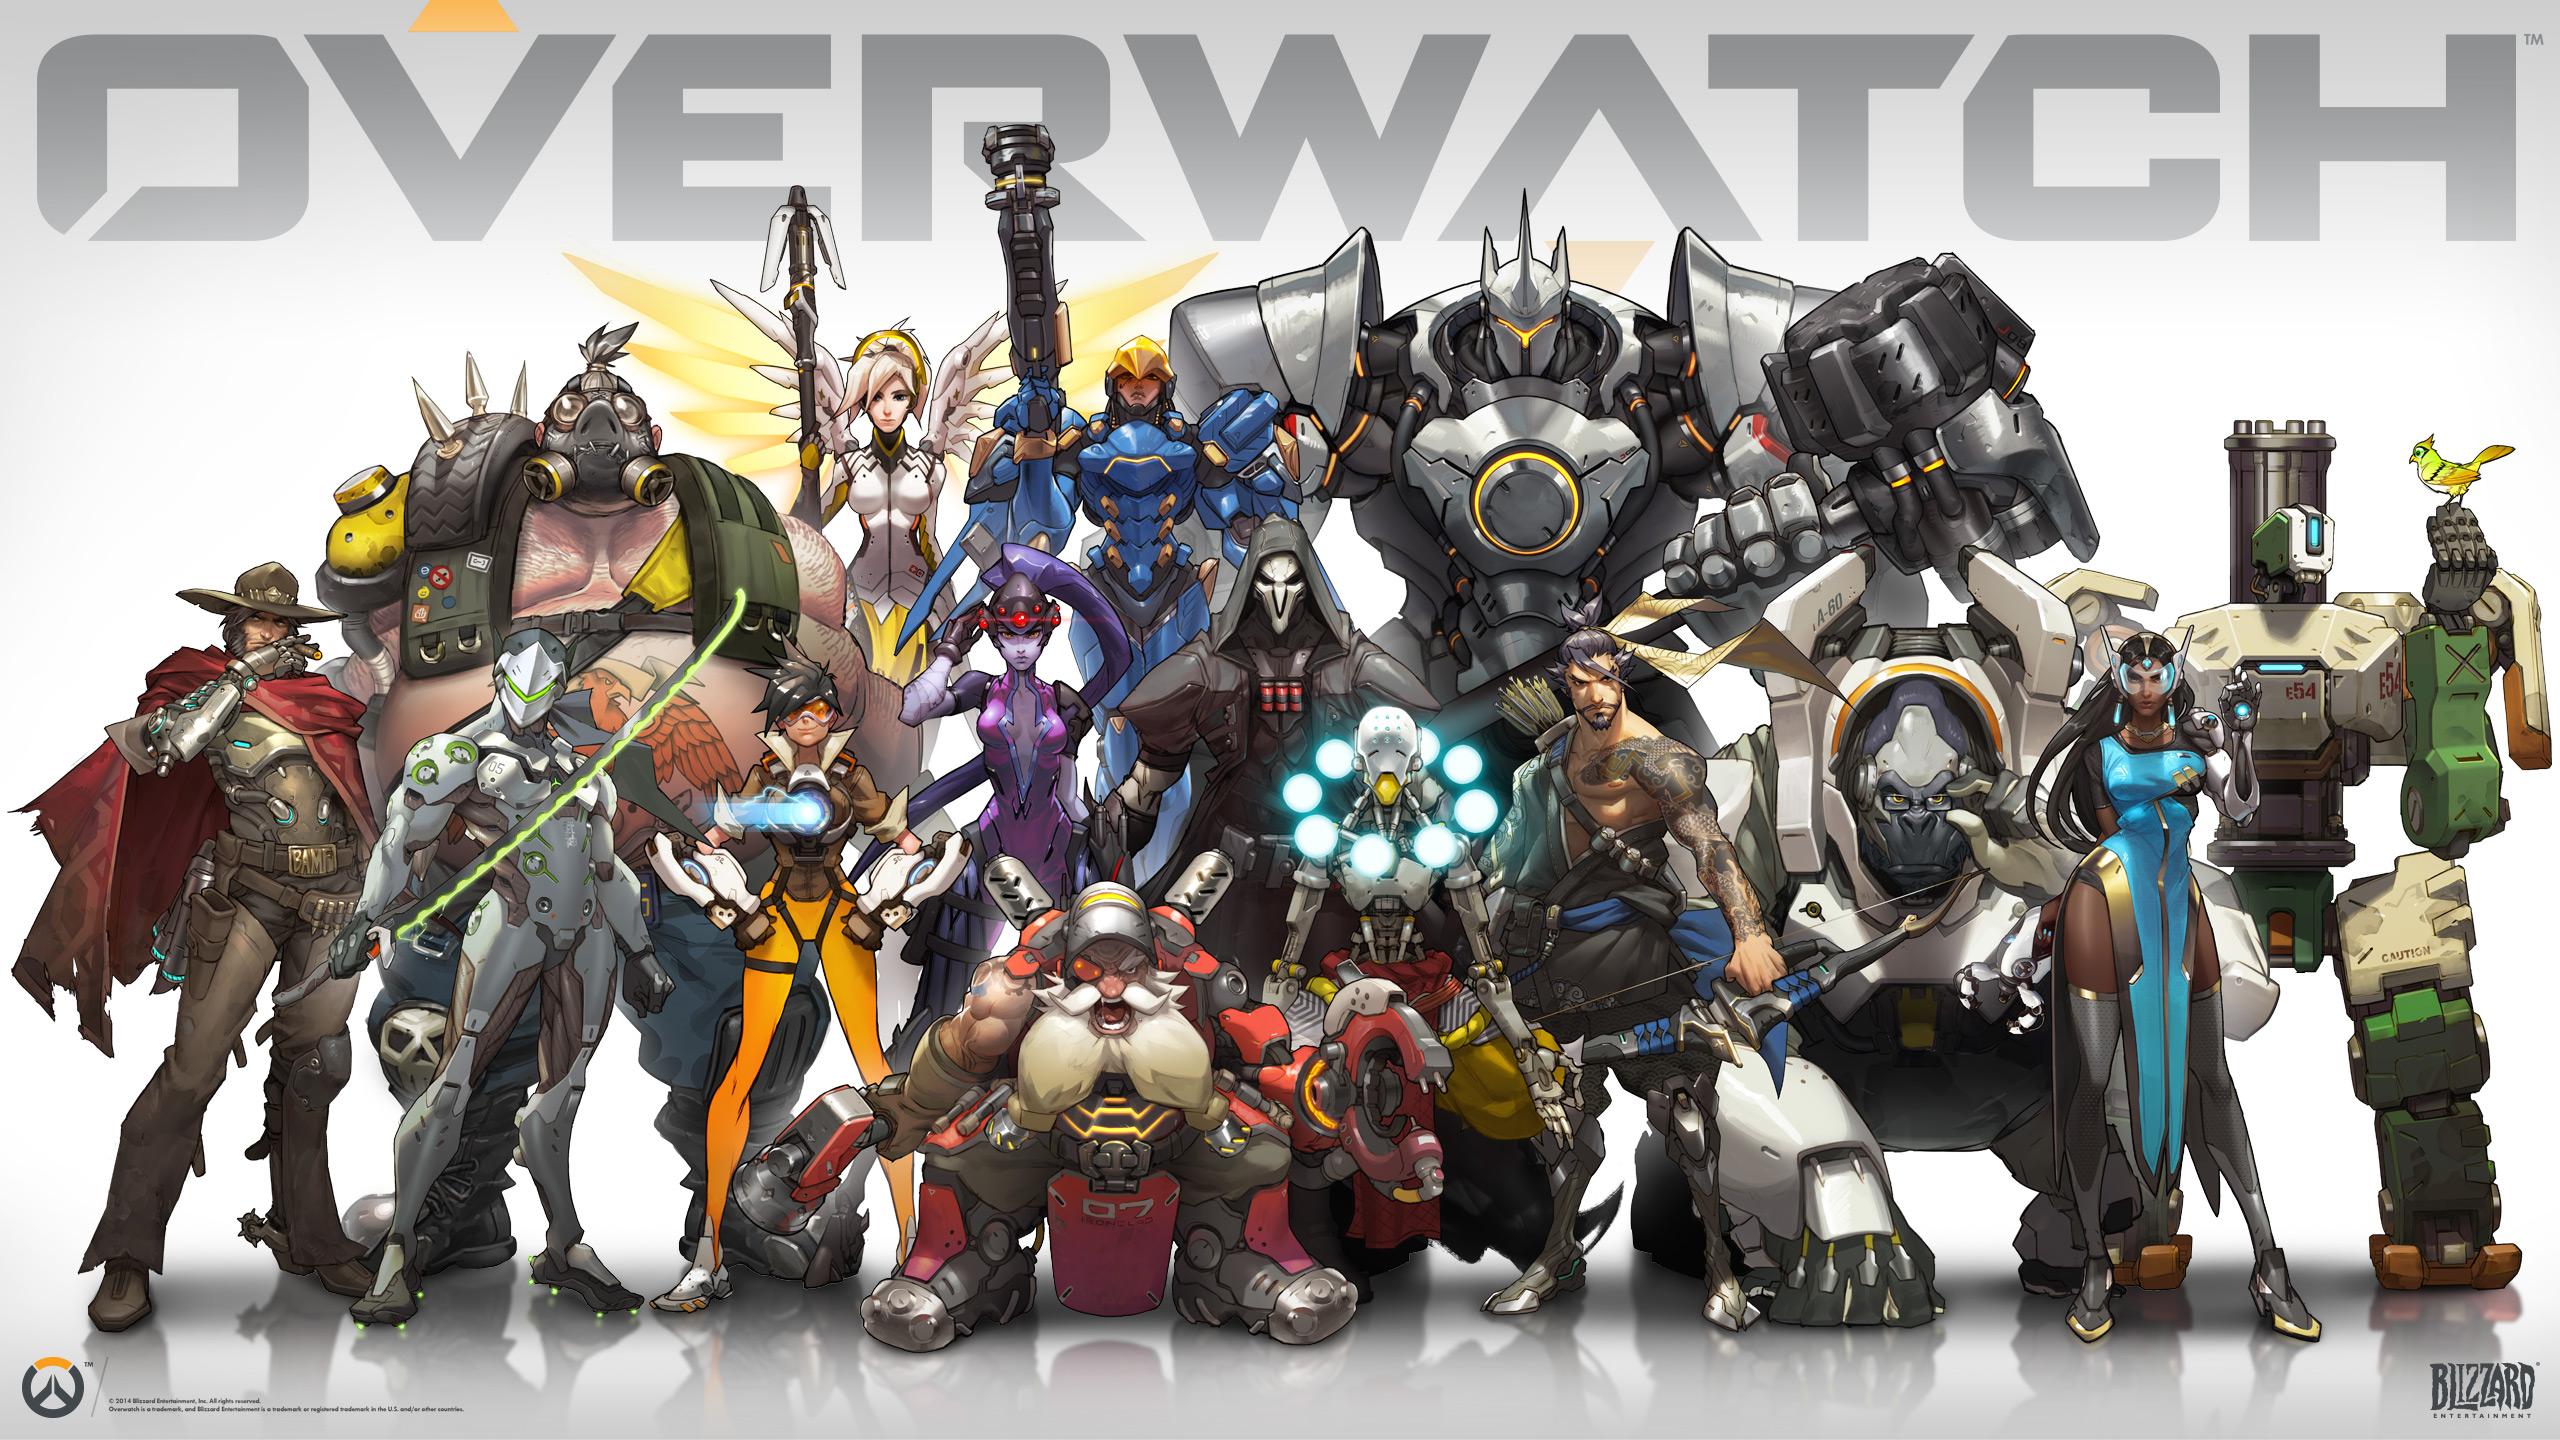 Dêm as boas vindas ao novo jogo da Blizzard Entertainment